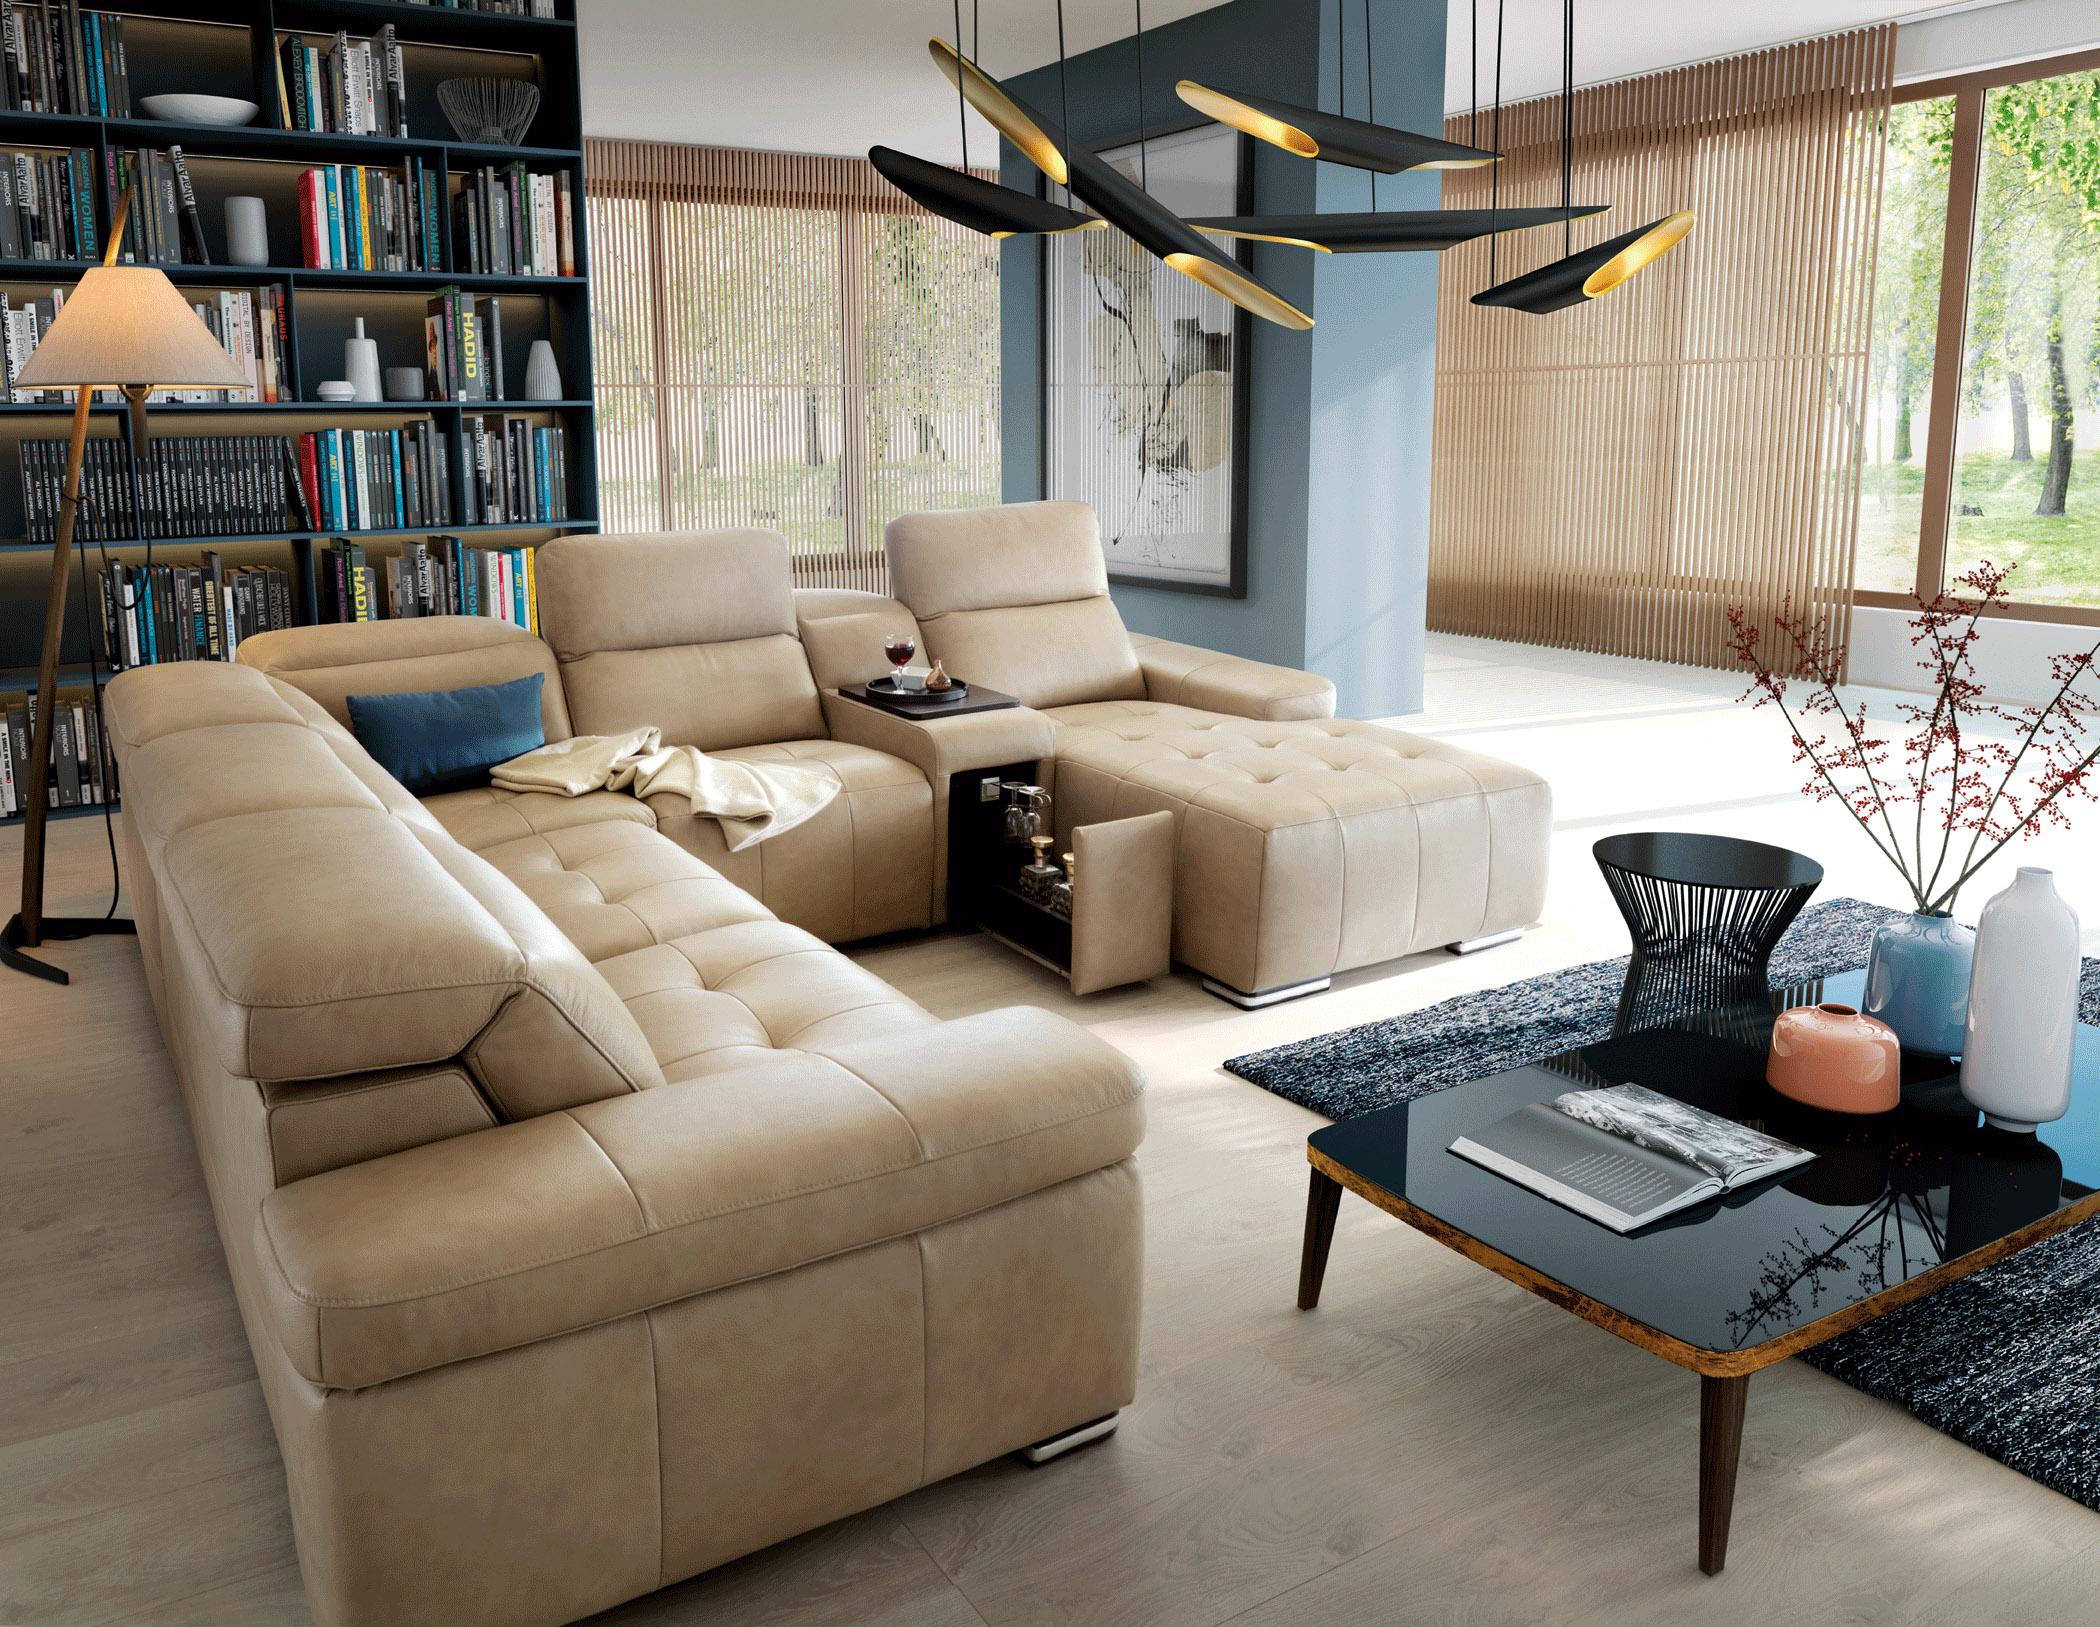 Sectional Sofas San Antonio | Sectional Sofa 51660 949 00 I ...